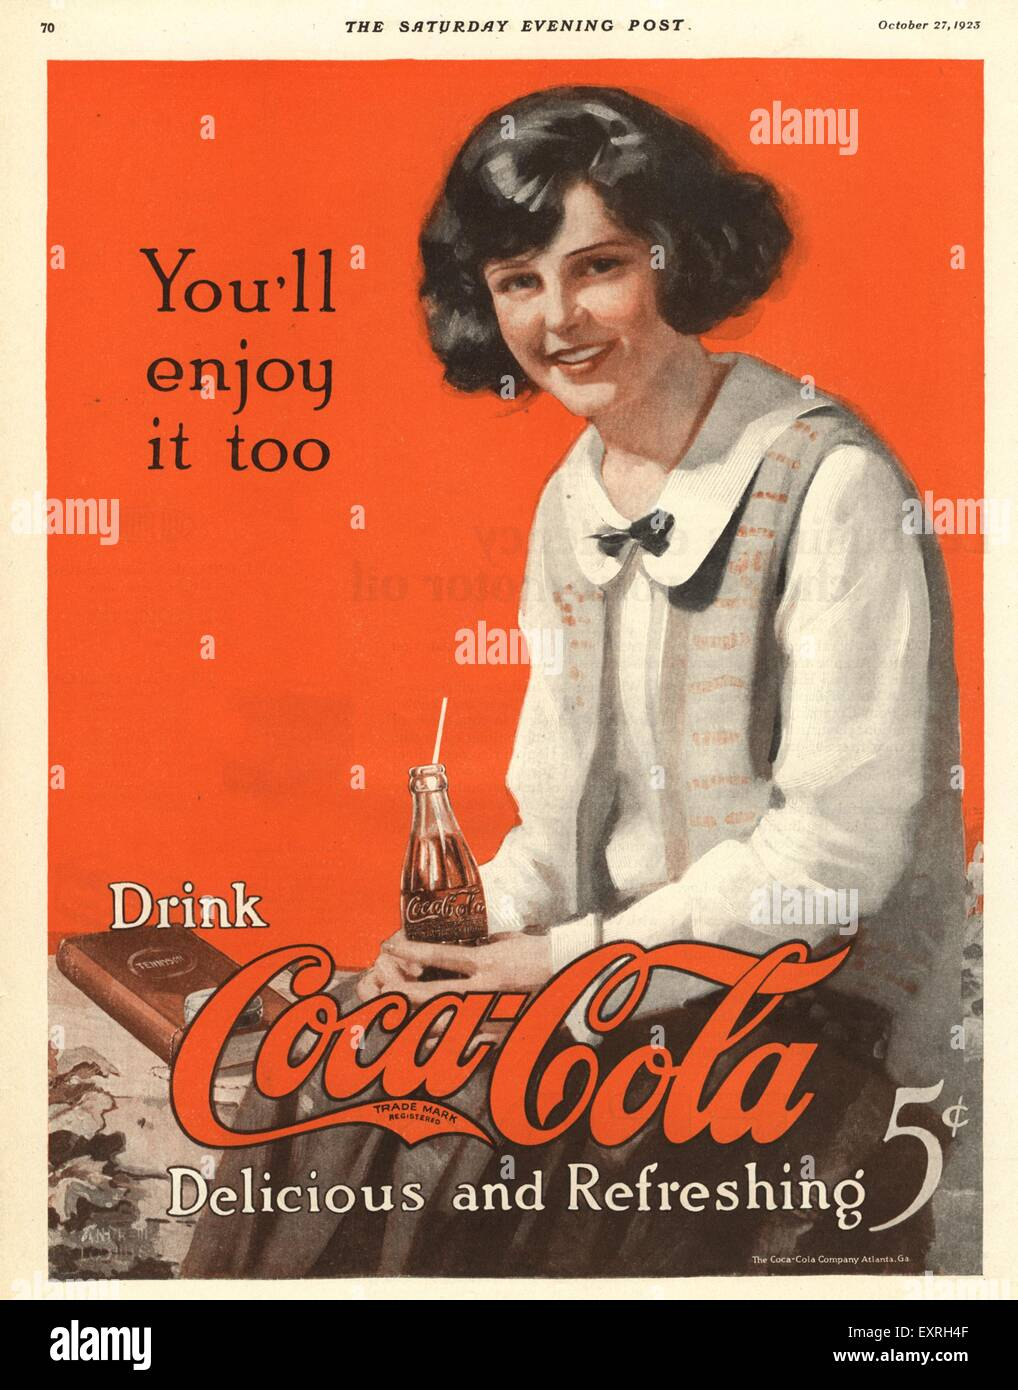 Coca Cola Advert Usa Stock Photos Coca Cola Advert Usa Stock